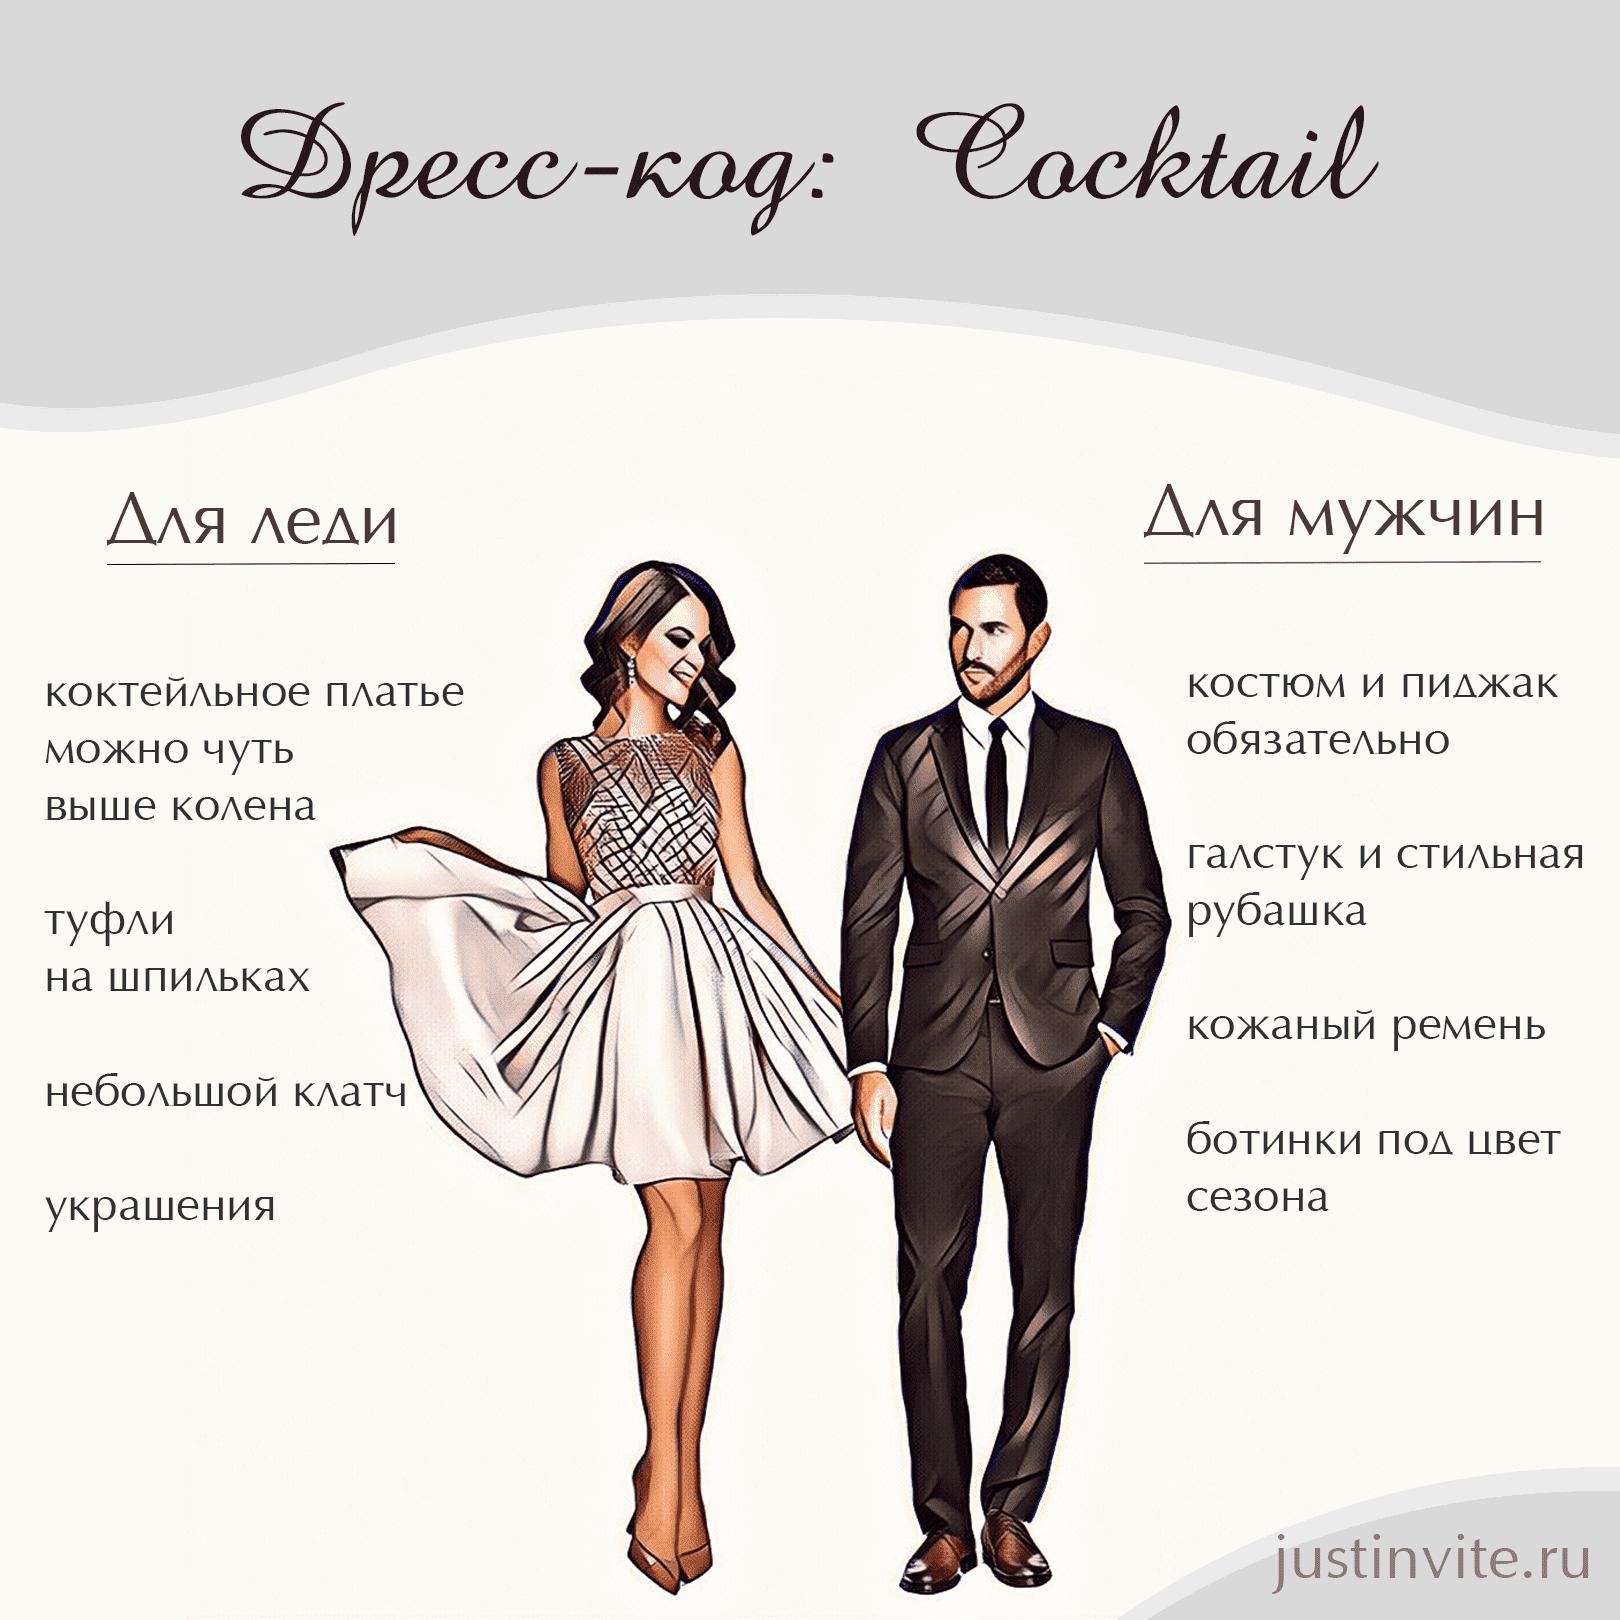 Дресс-код Cocktail или Festive attire для женщин и мужчин на свадьбу, день рождения или вечеринку.